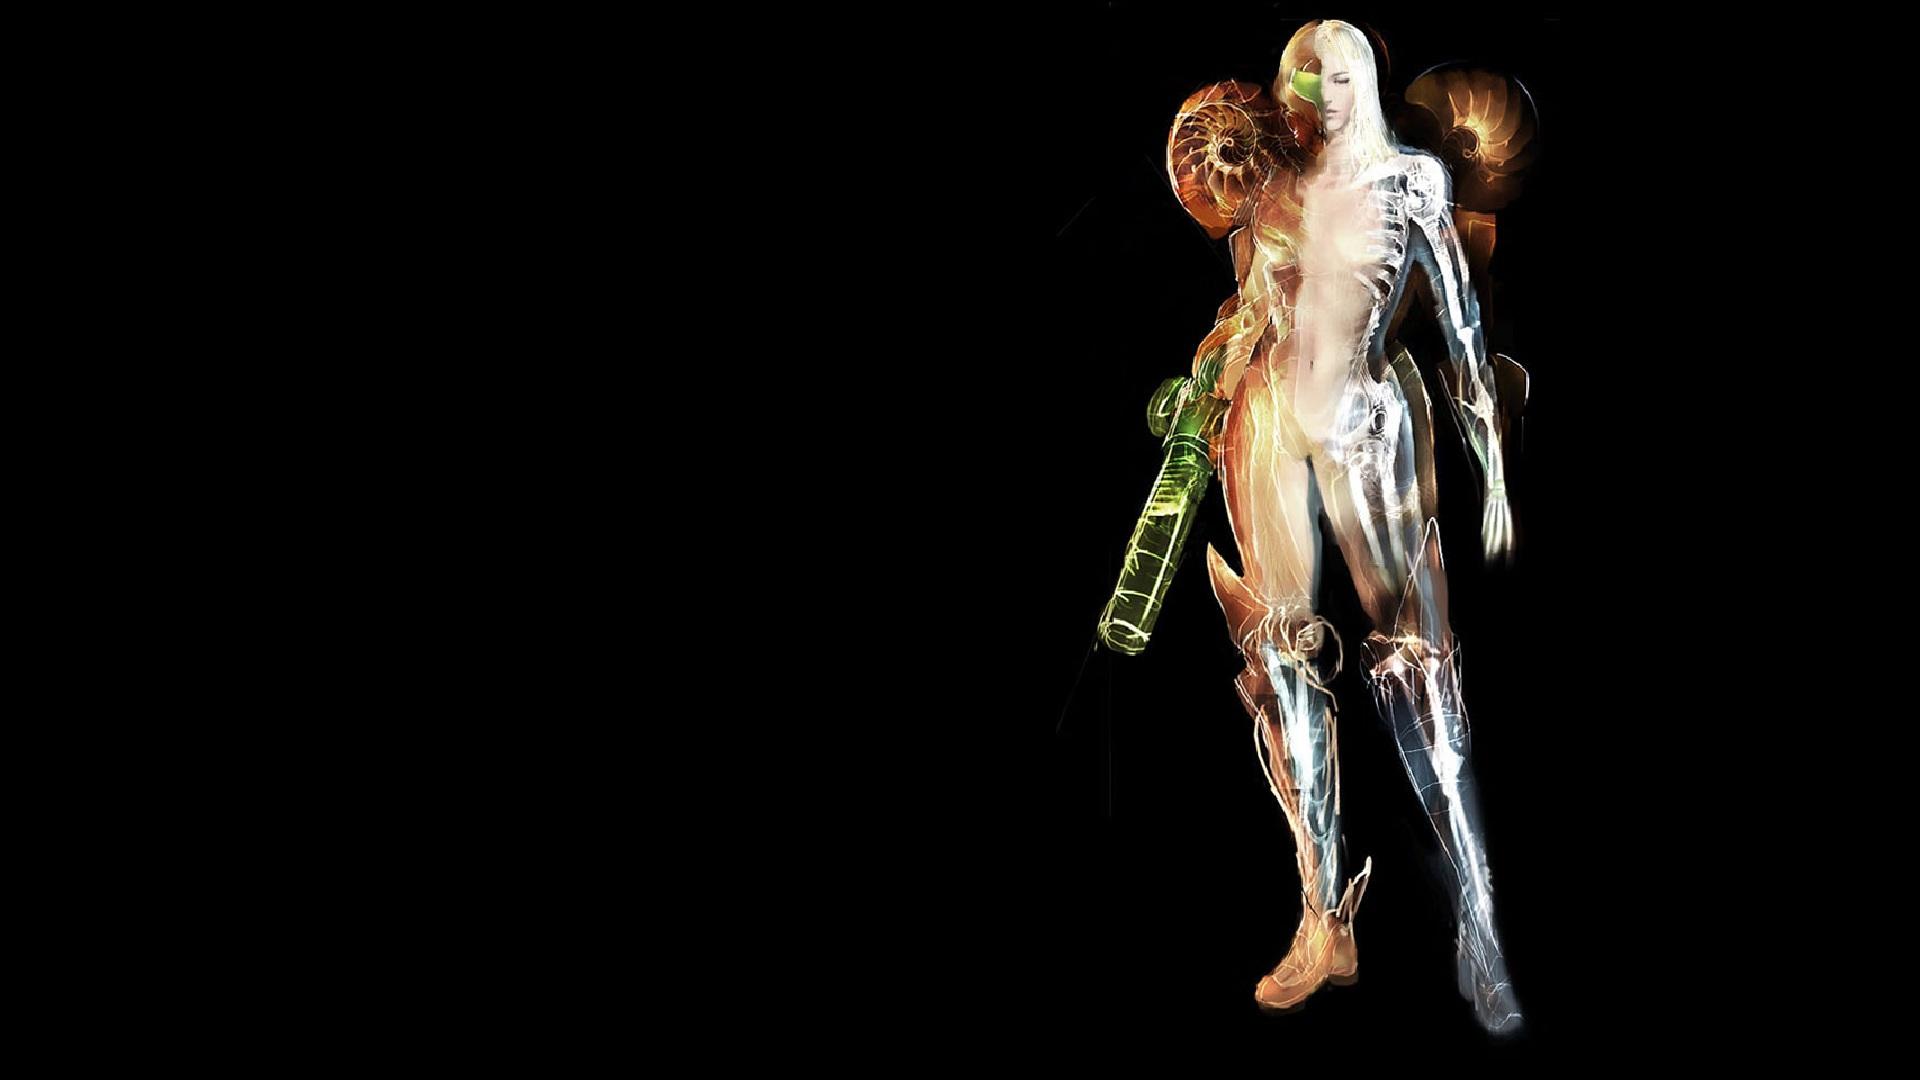 Zero Suit Samus Aran Hd 1080 Wallpapers Posted By Michelle Walker